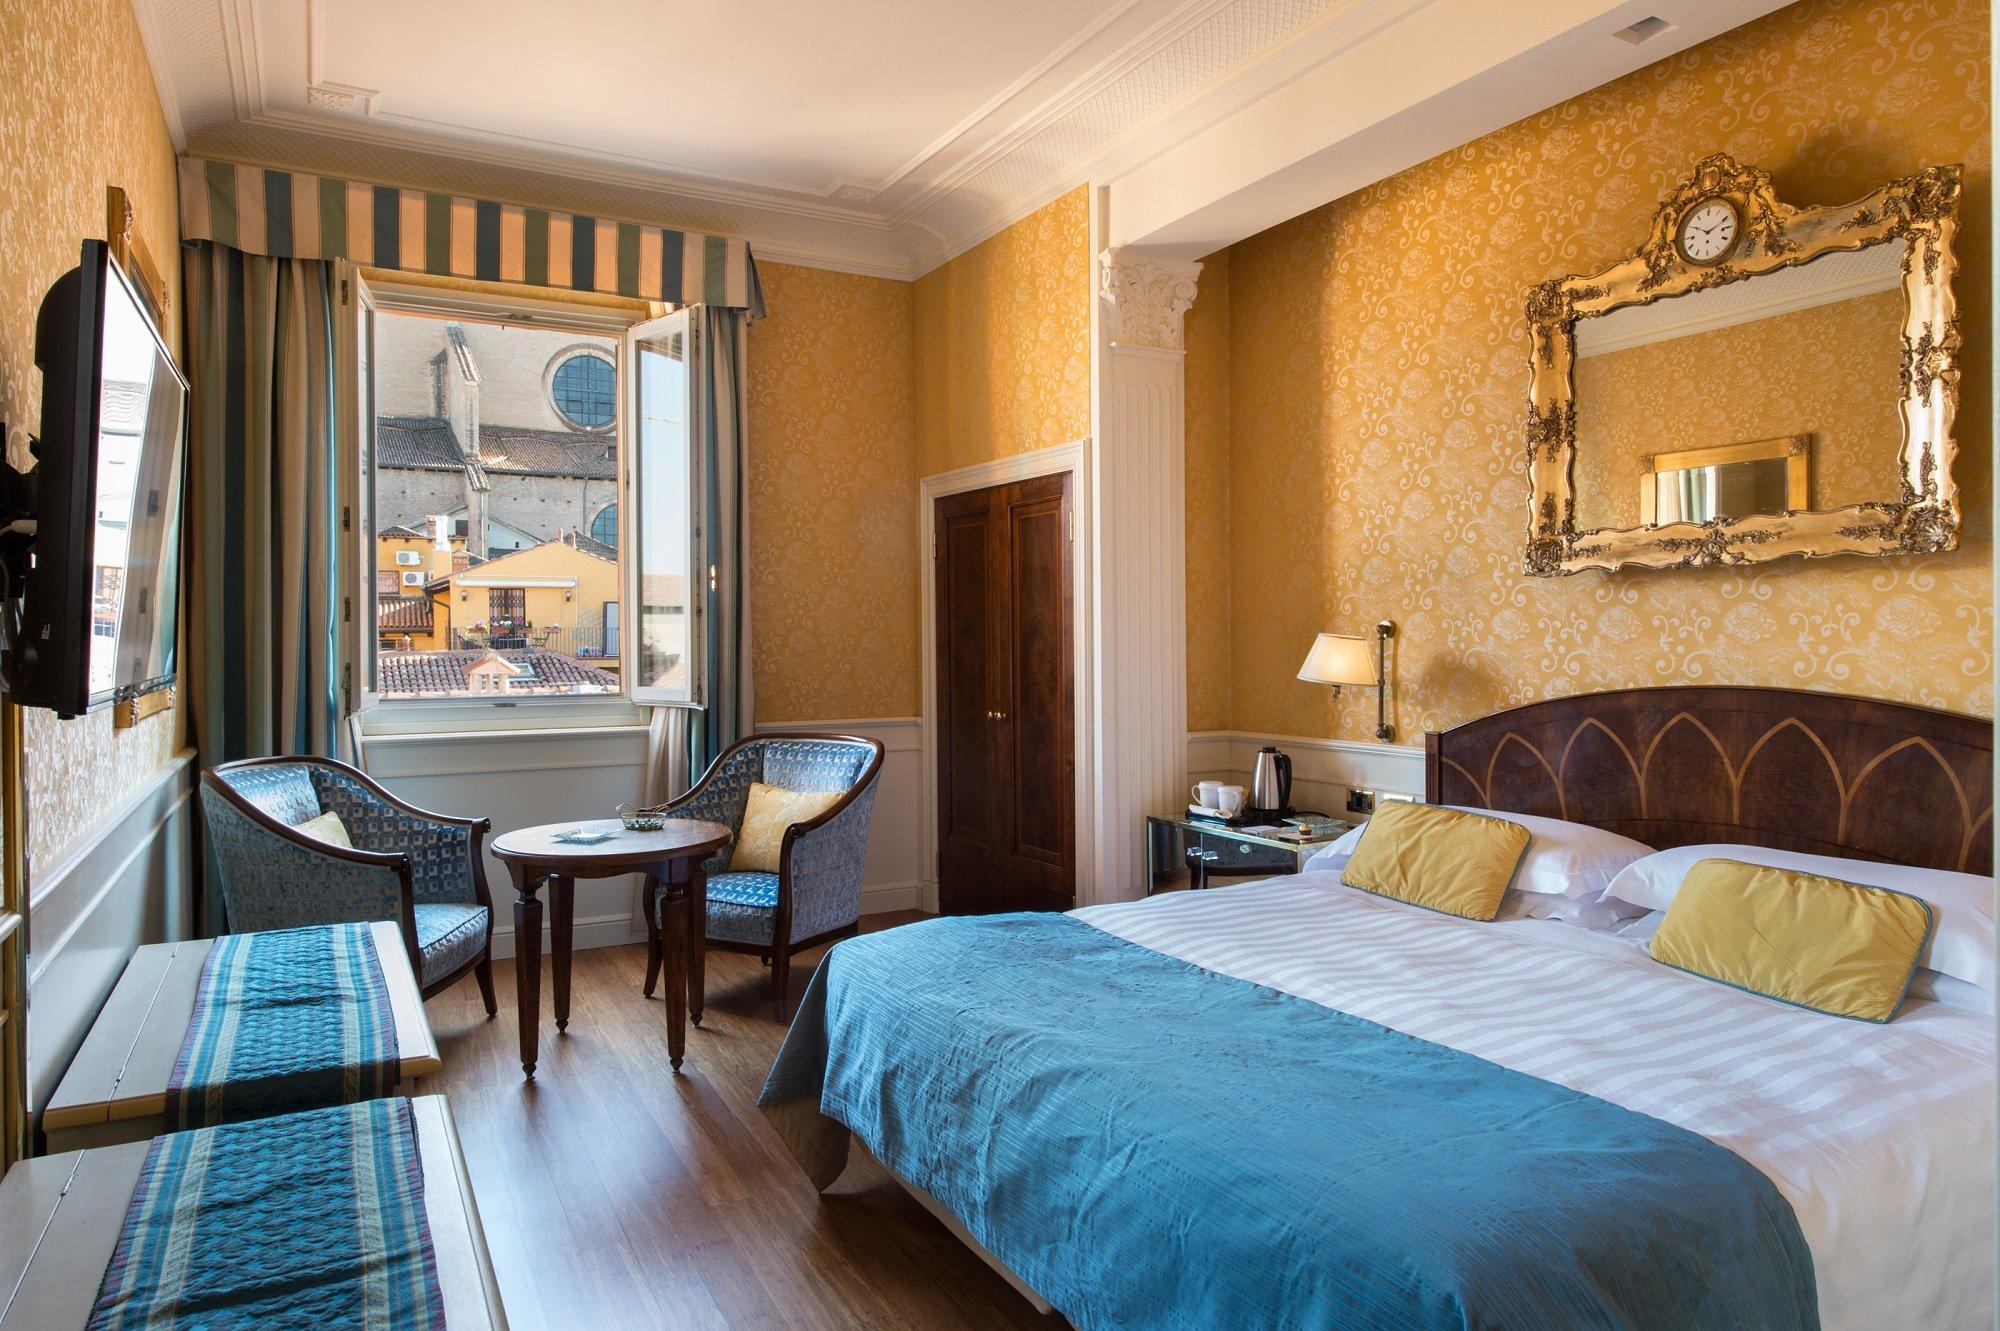 Galleria art hotel orologio hotel bologna sito ufficiale for Hotel dei commercianti bologna